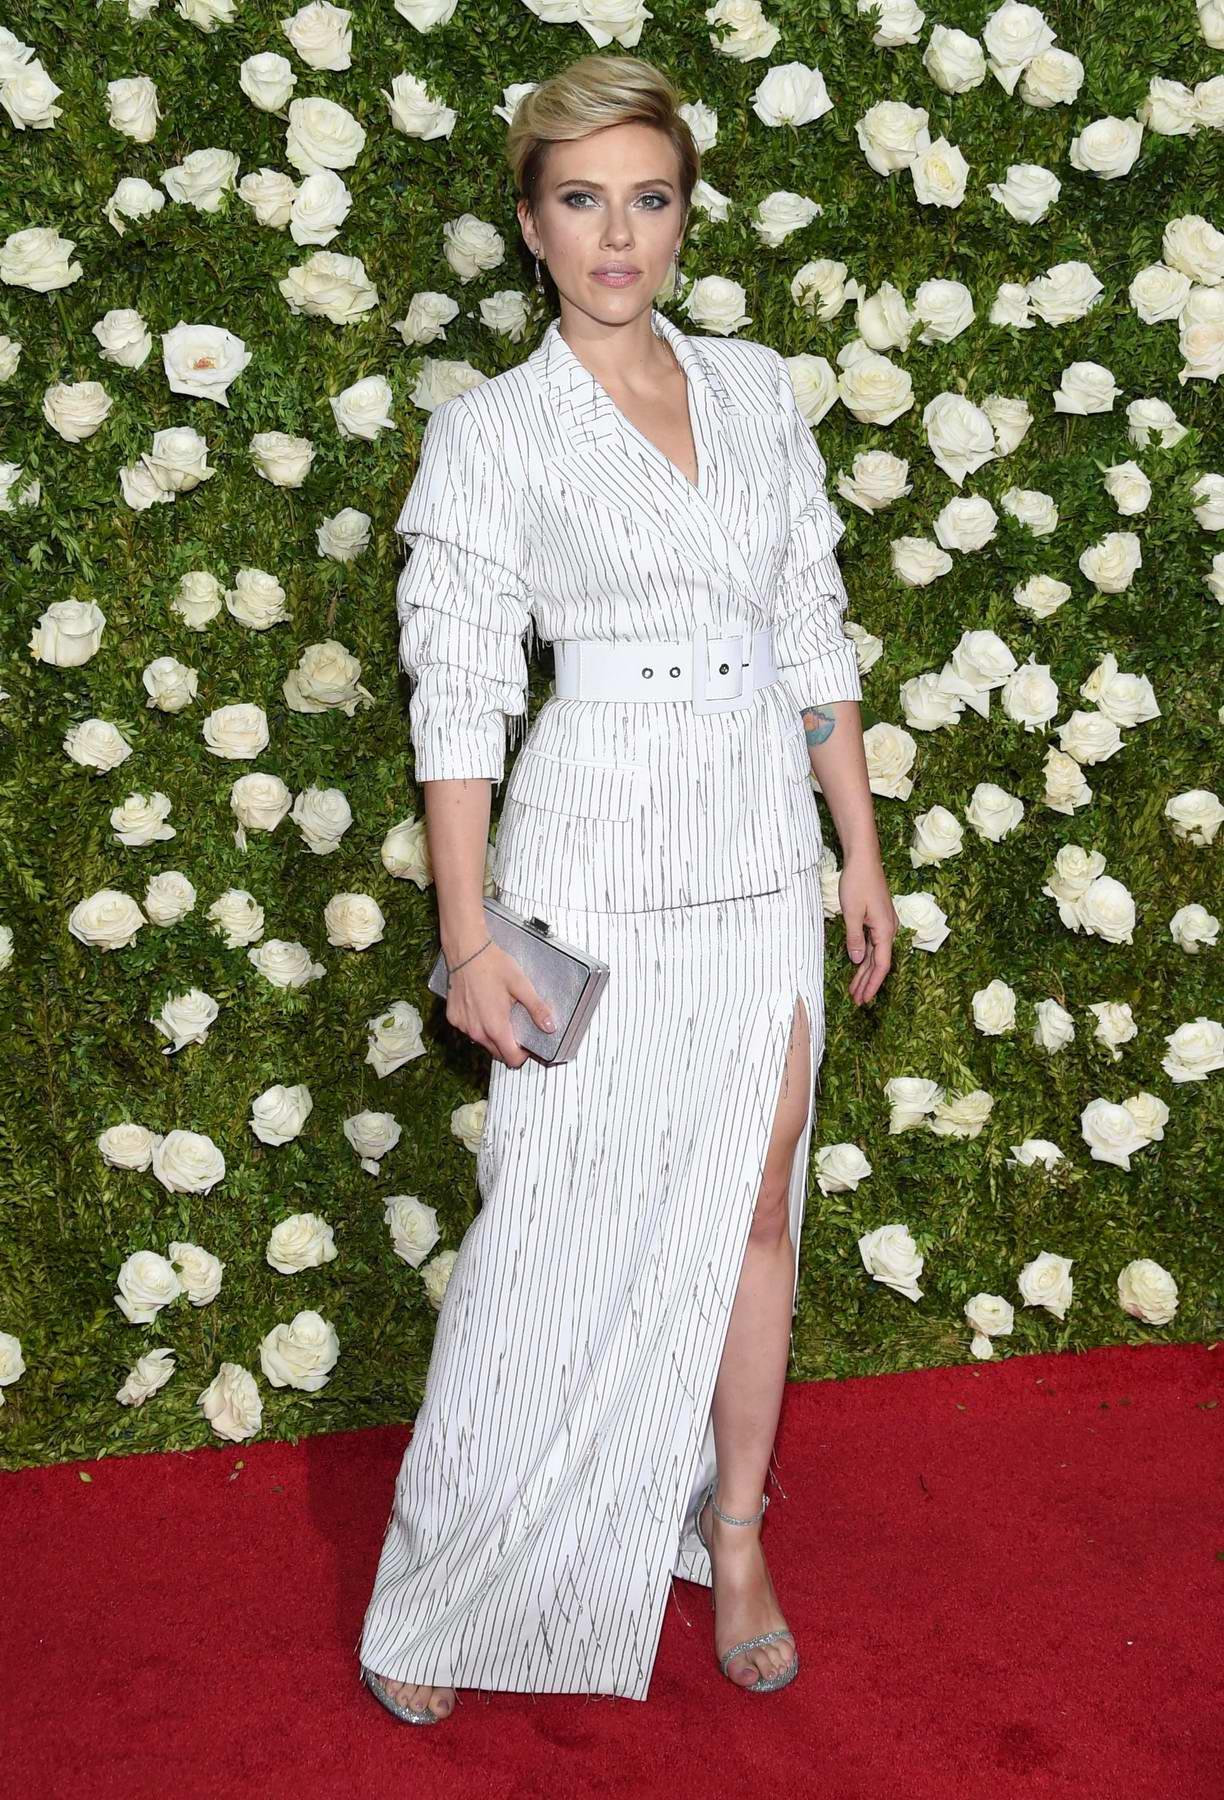 Scarlett johansoon tony awards in new york city - 2019 year